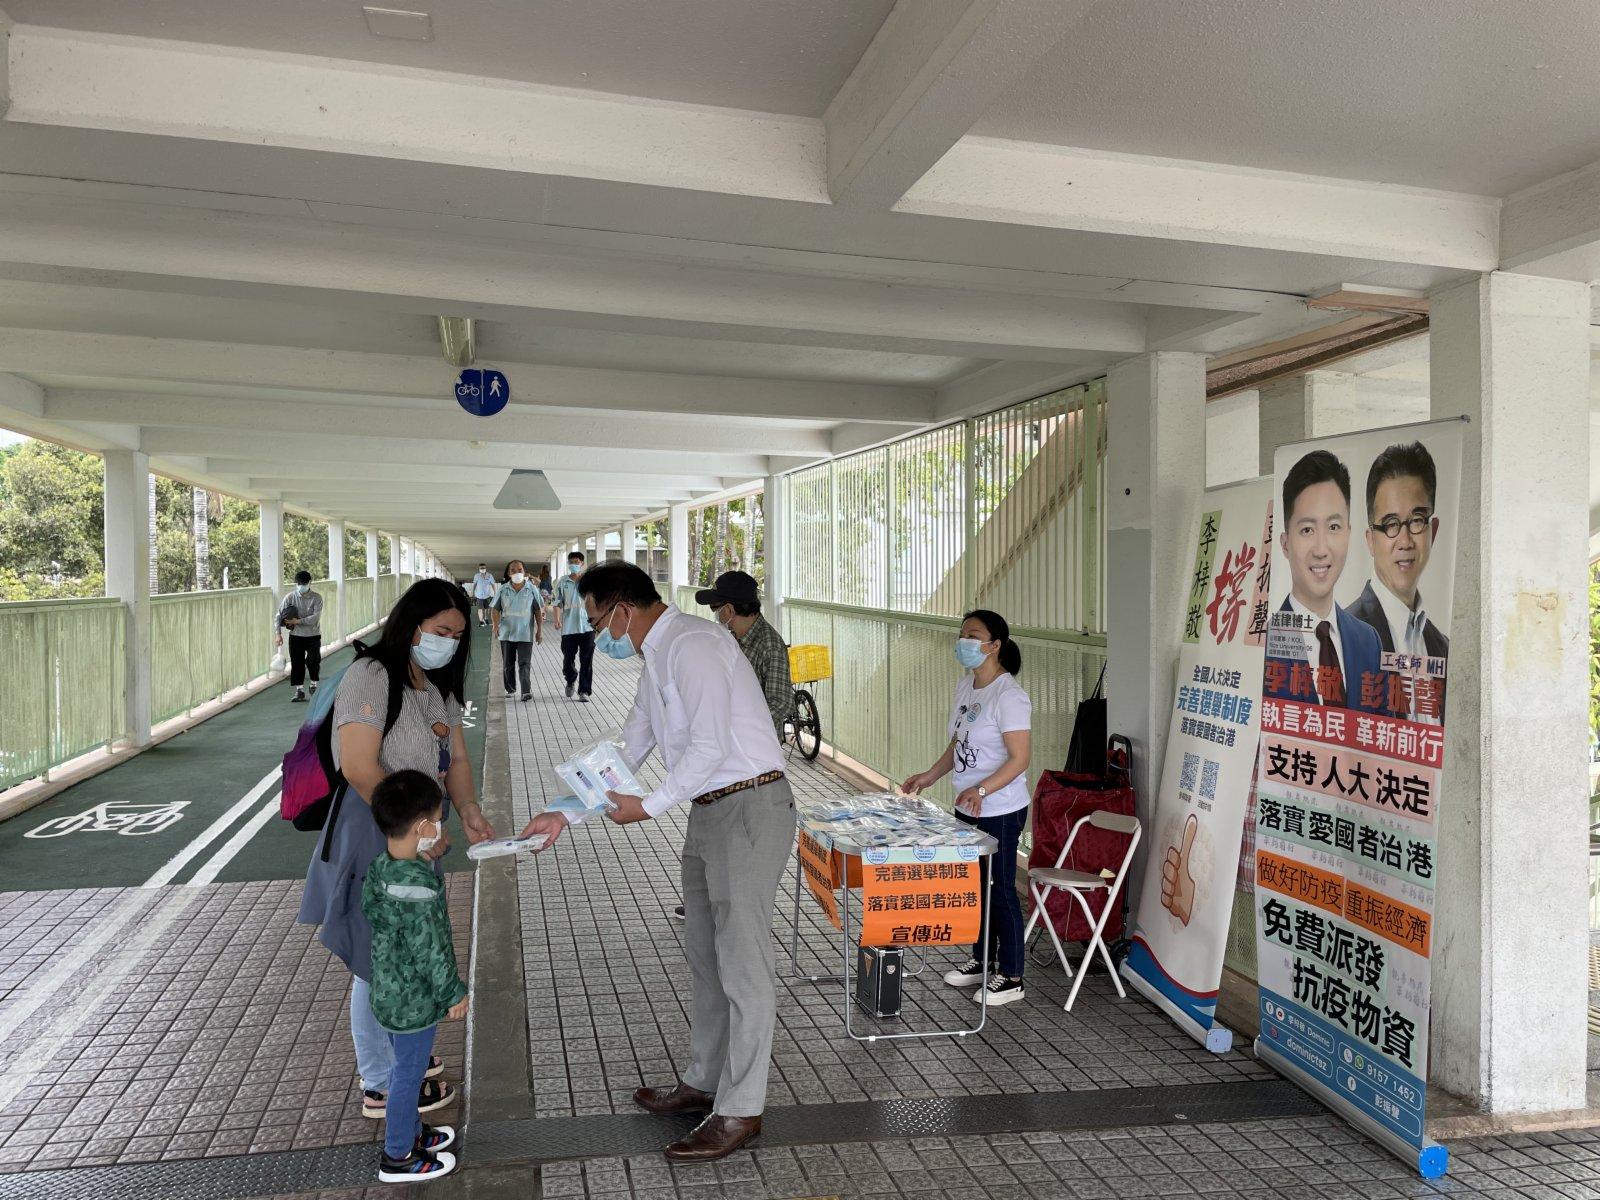 民建聯今日(31日)在上水及粉嶺開設街站,支持完善選舉制度,眾多市民踴躍參與。(大公文匯全媒體記者攝)